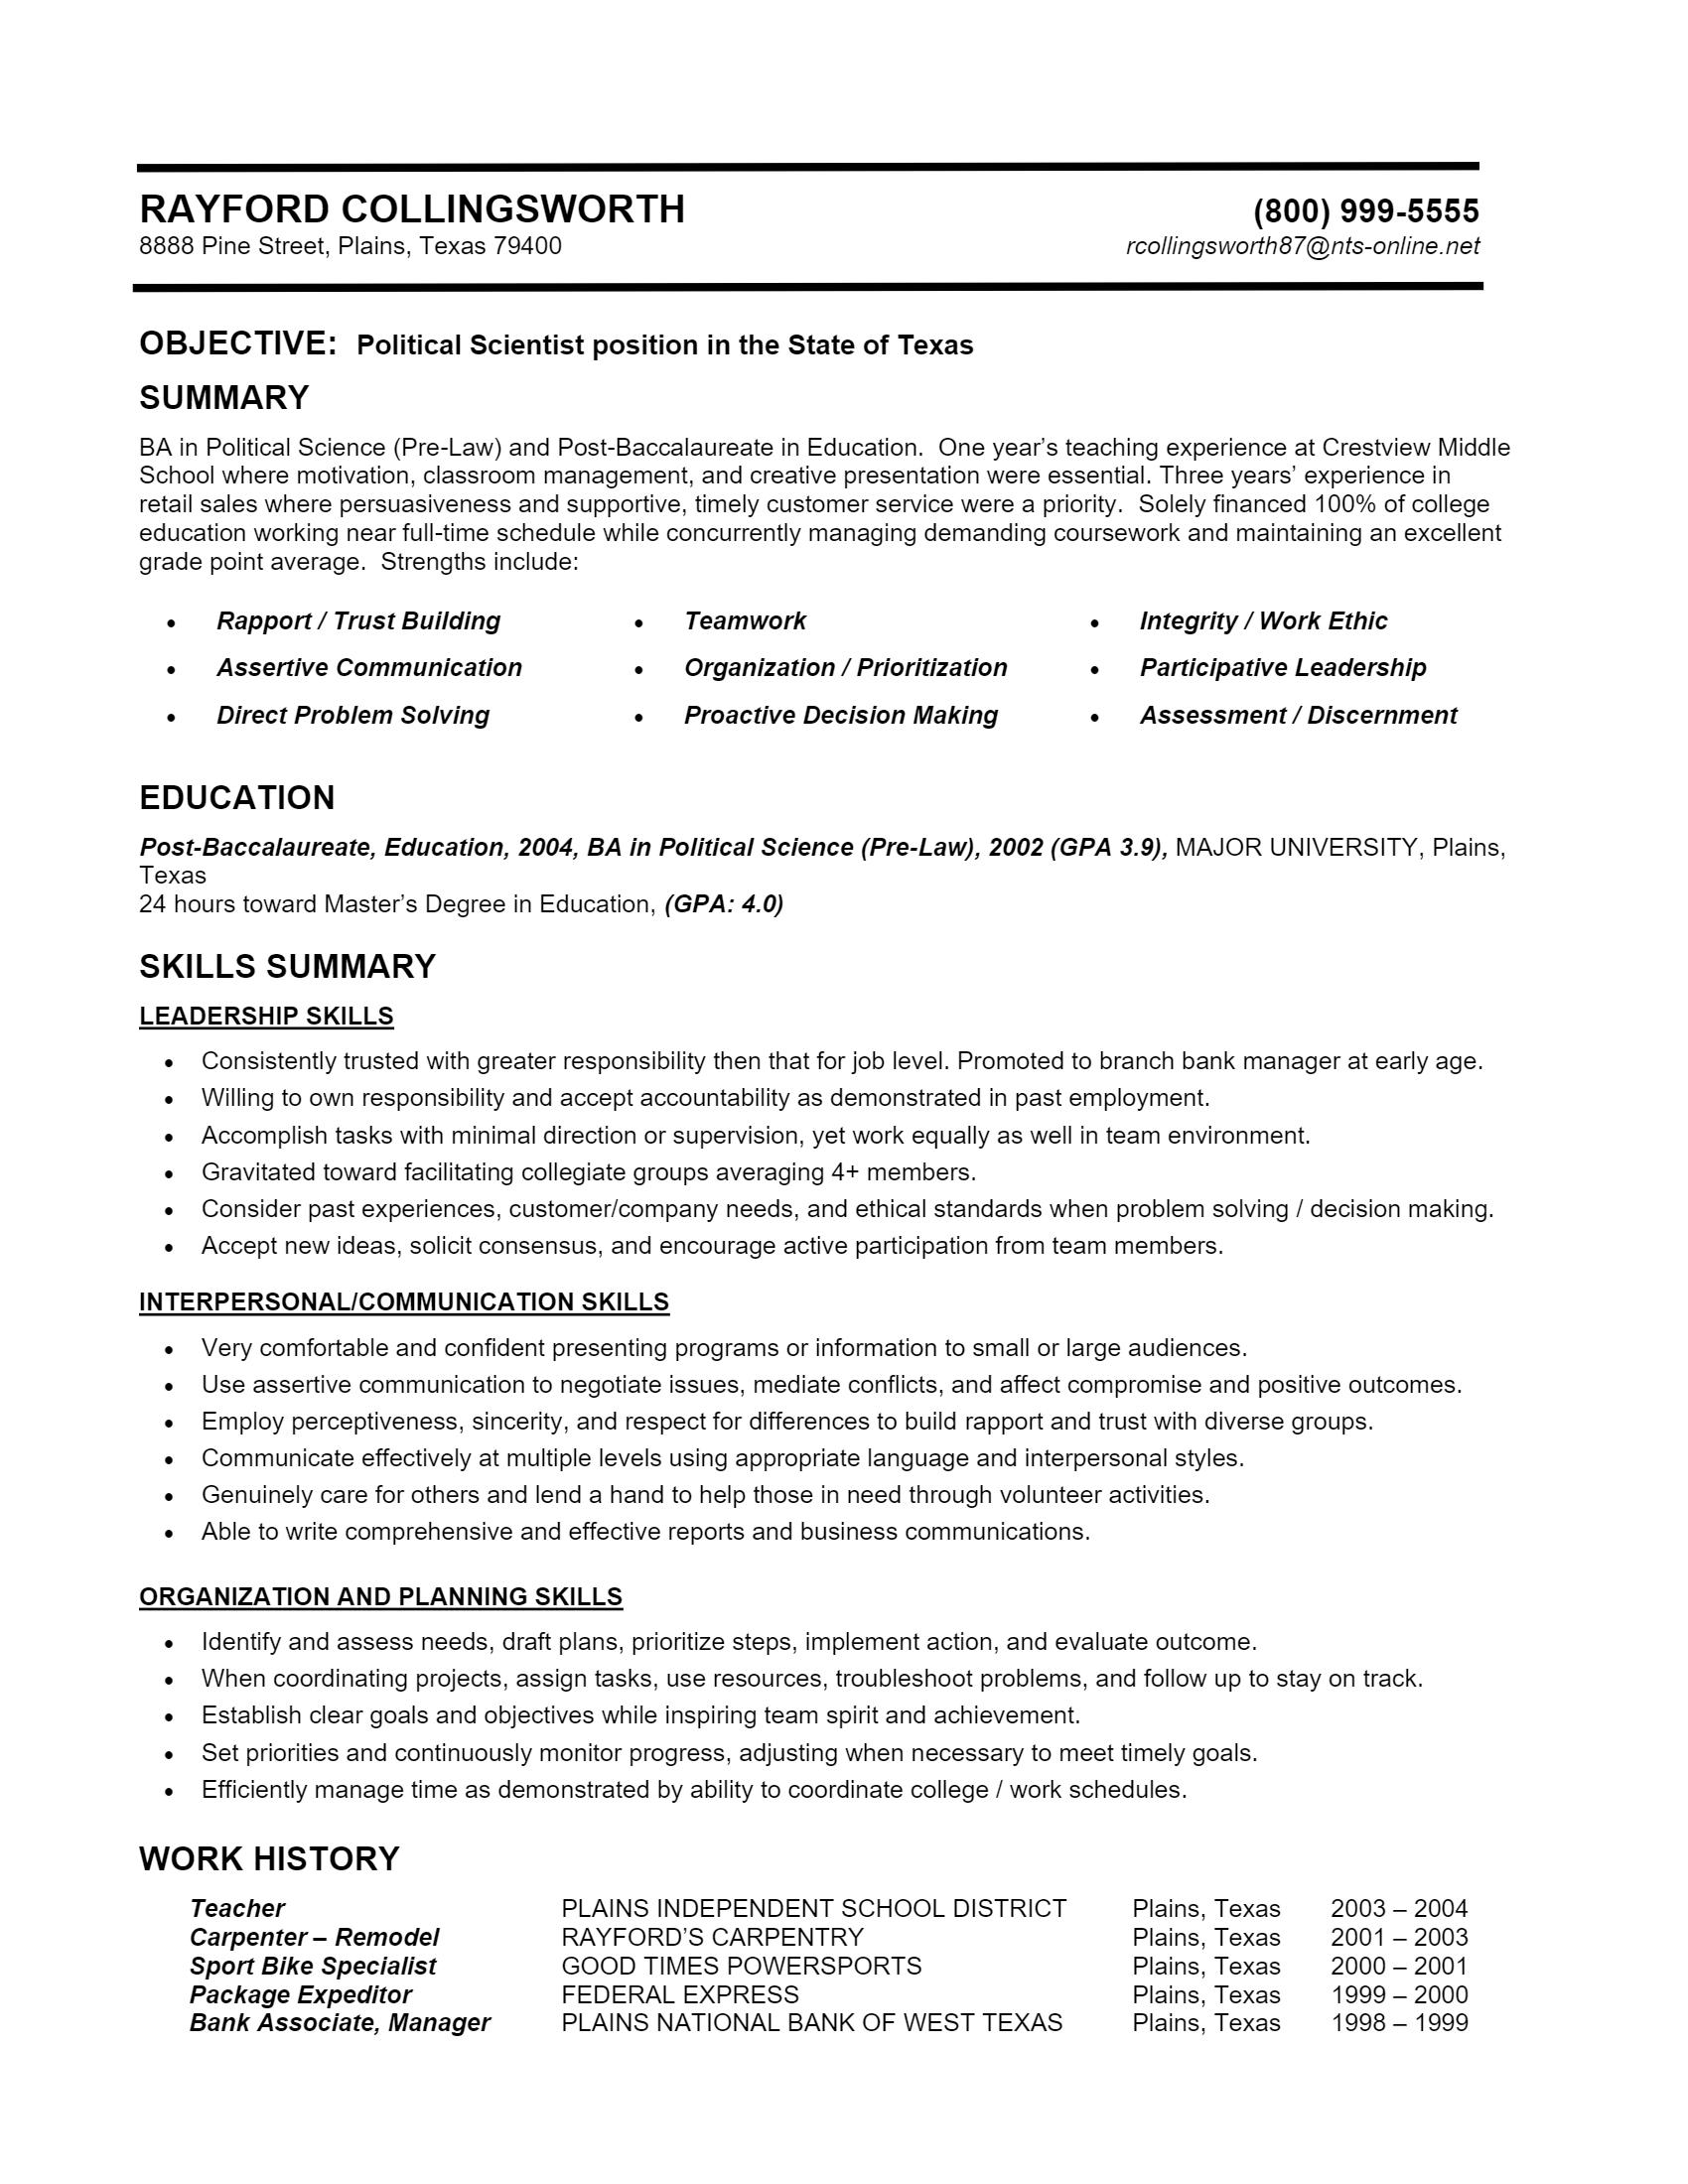 Political Analyst Resume > Political Analyst Resume .Docx (Word)